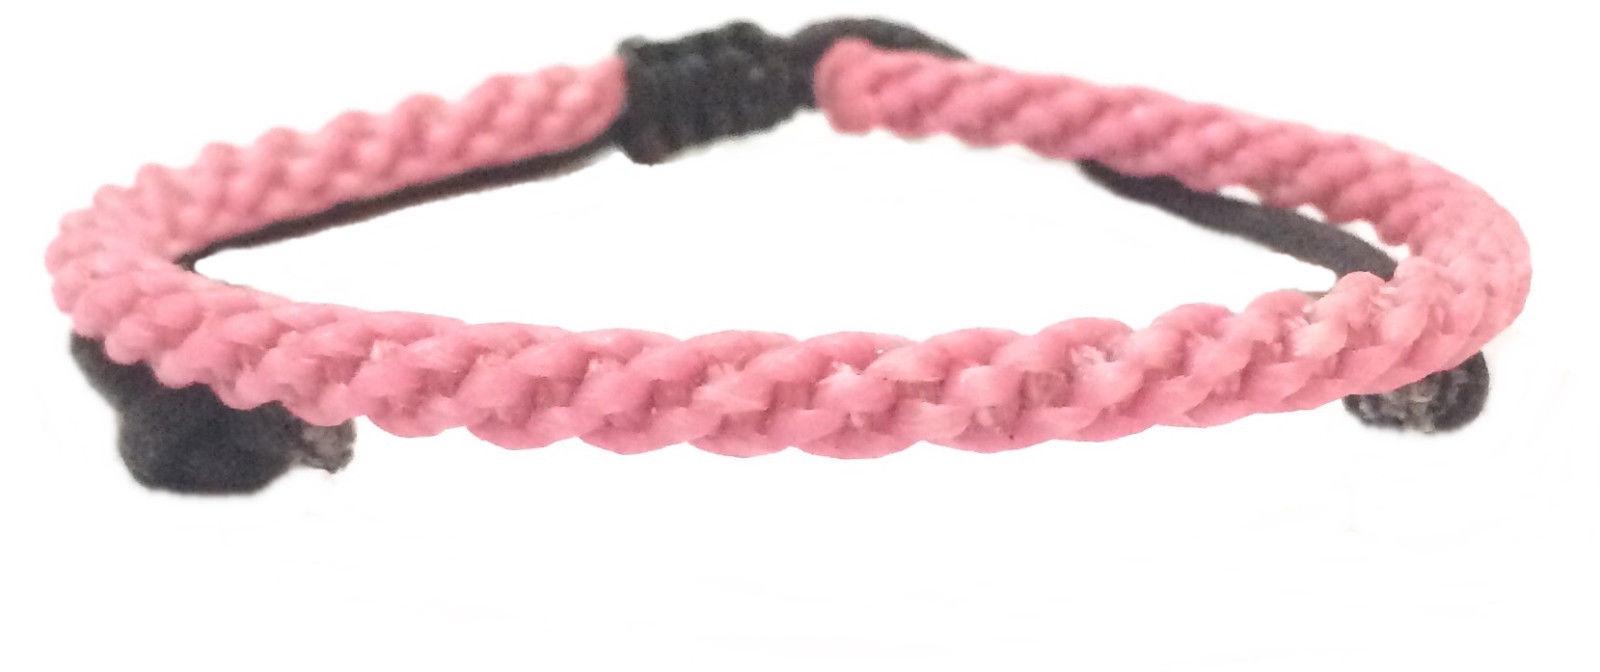 Fair Trade Waxed Braid Weave Cord Thai Buddhist Mens Cotton Wristband Wristwear